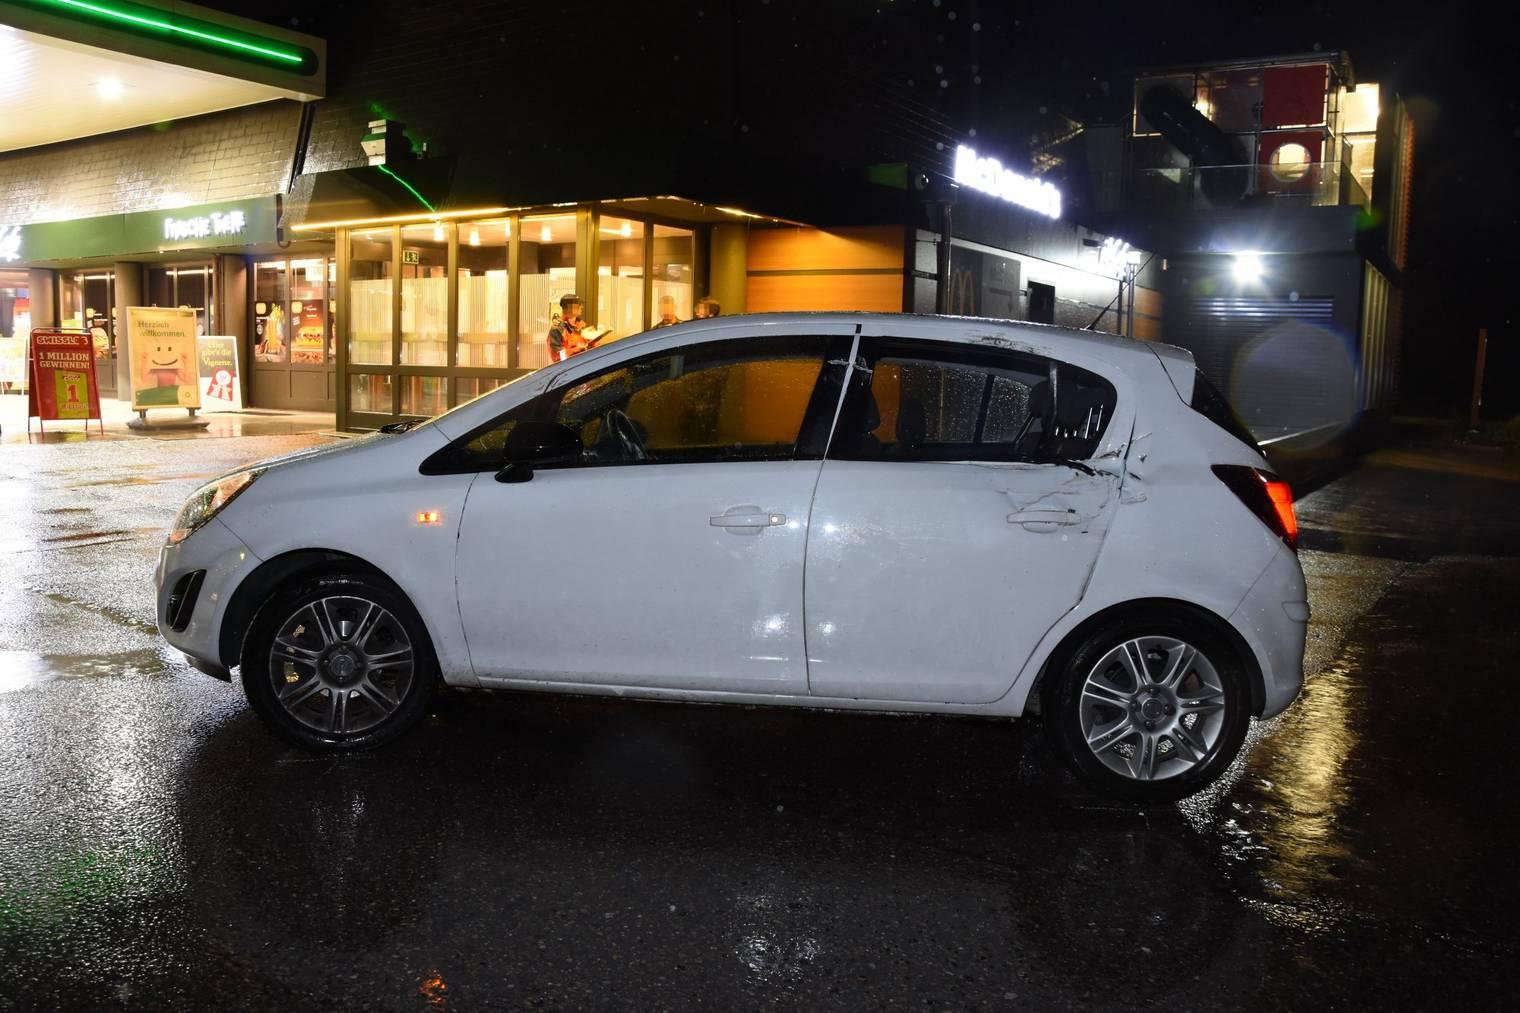 Am Auto entstand Sachschaden in der Höhe von 6000 Franken. (Bild: Kapo SG)